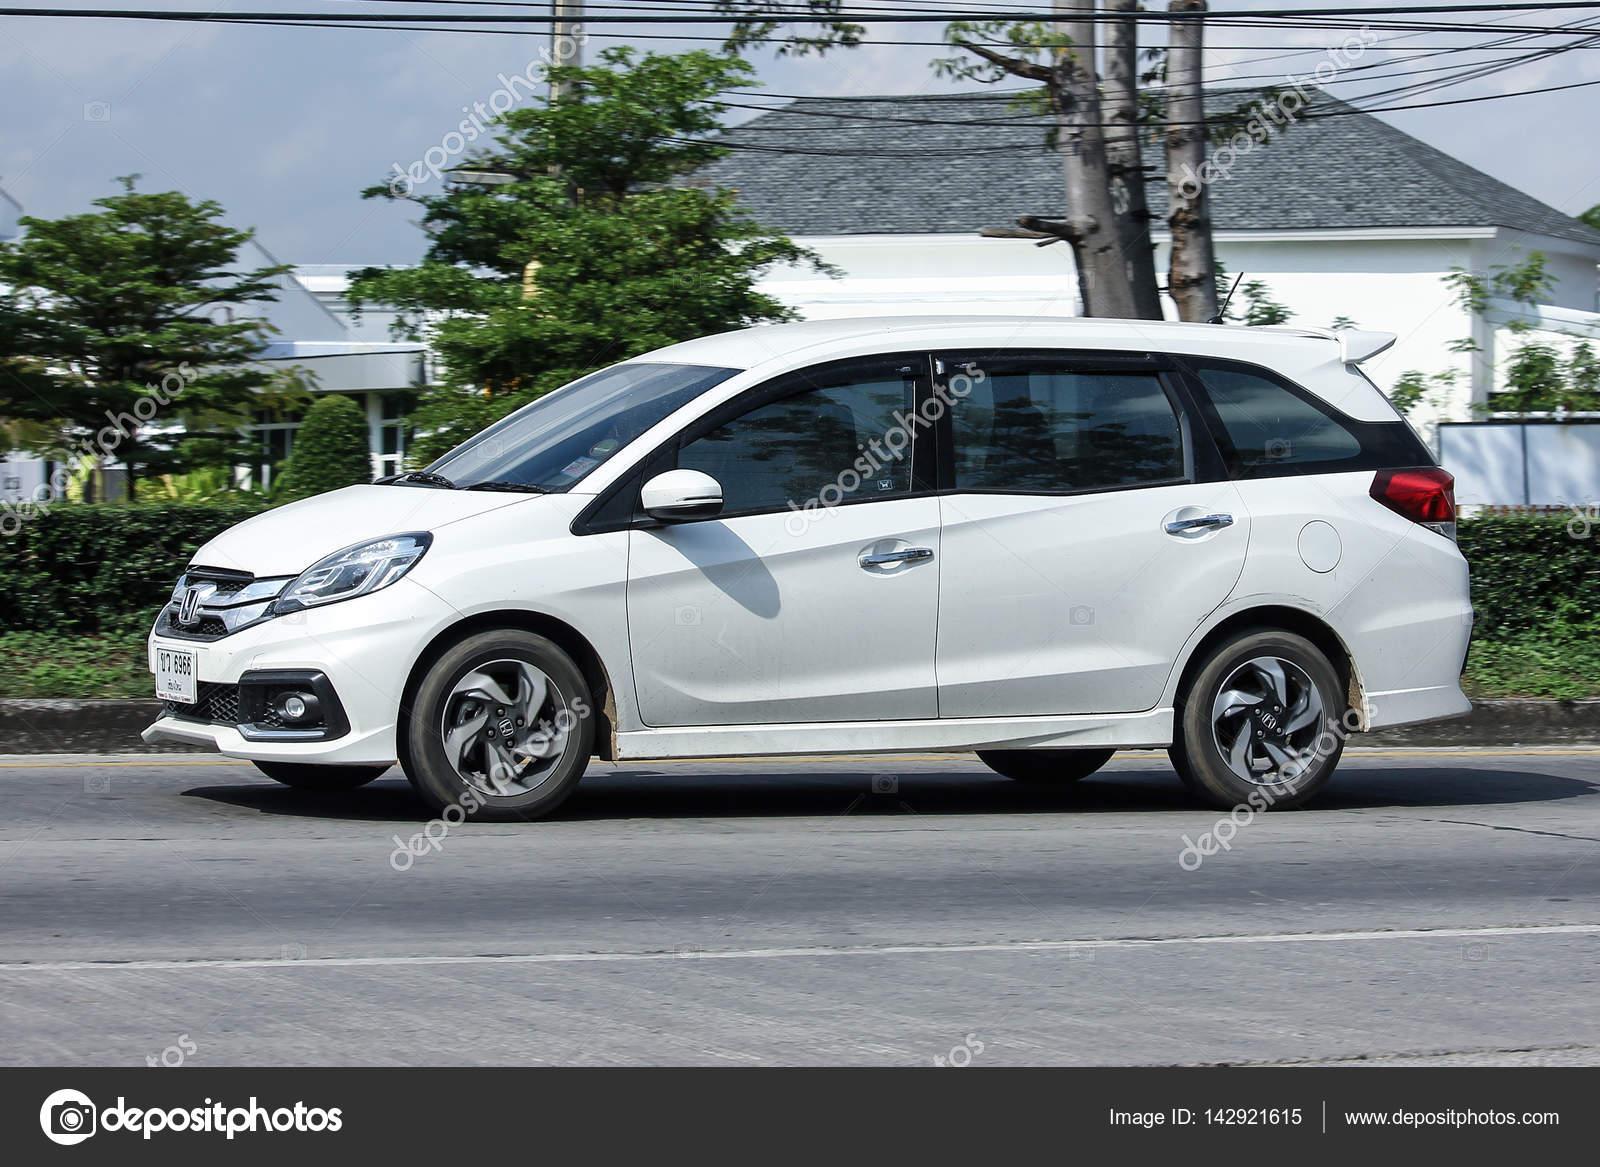 Van Prive Honda Mobilio Photo Editoriale C Nitinut380 142921615